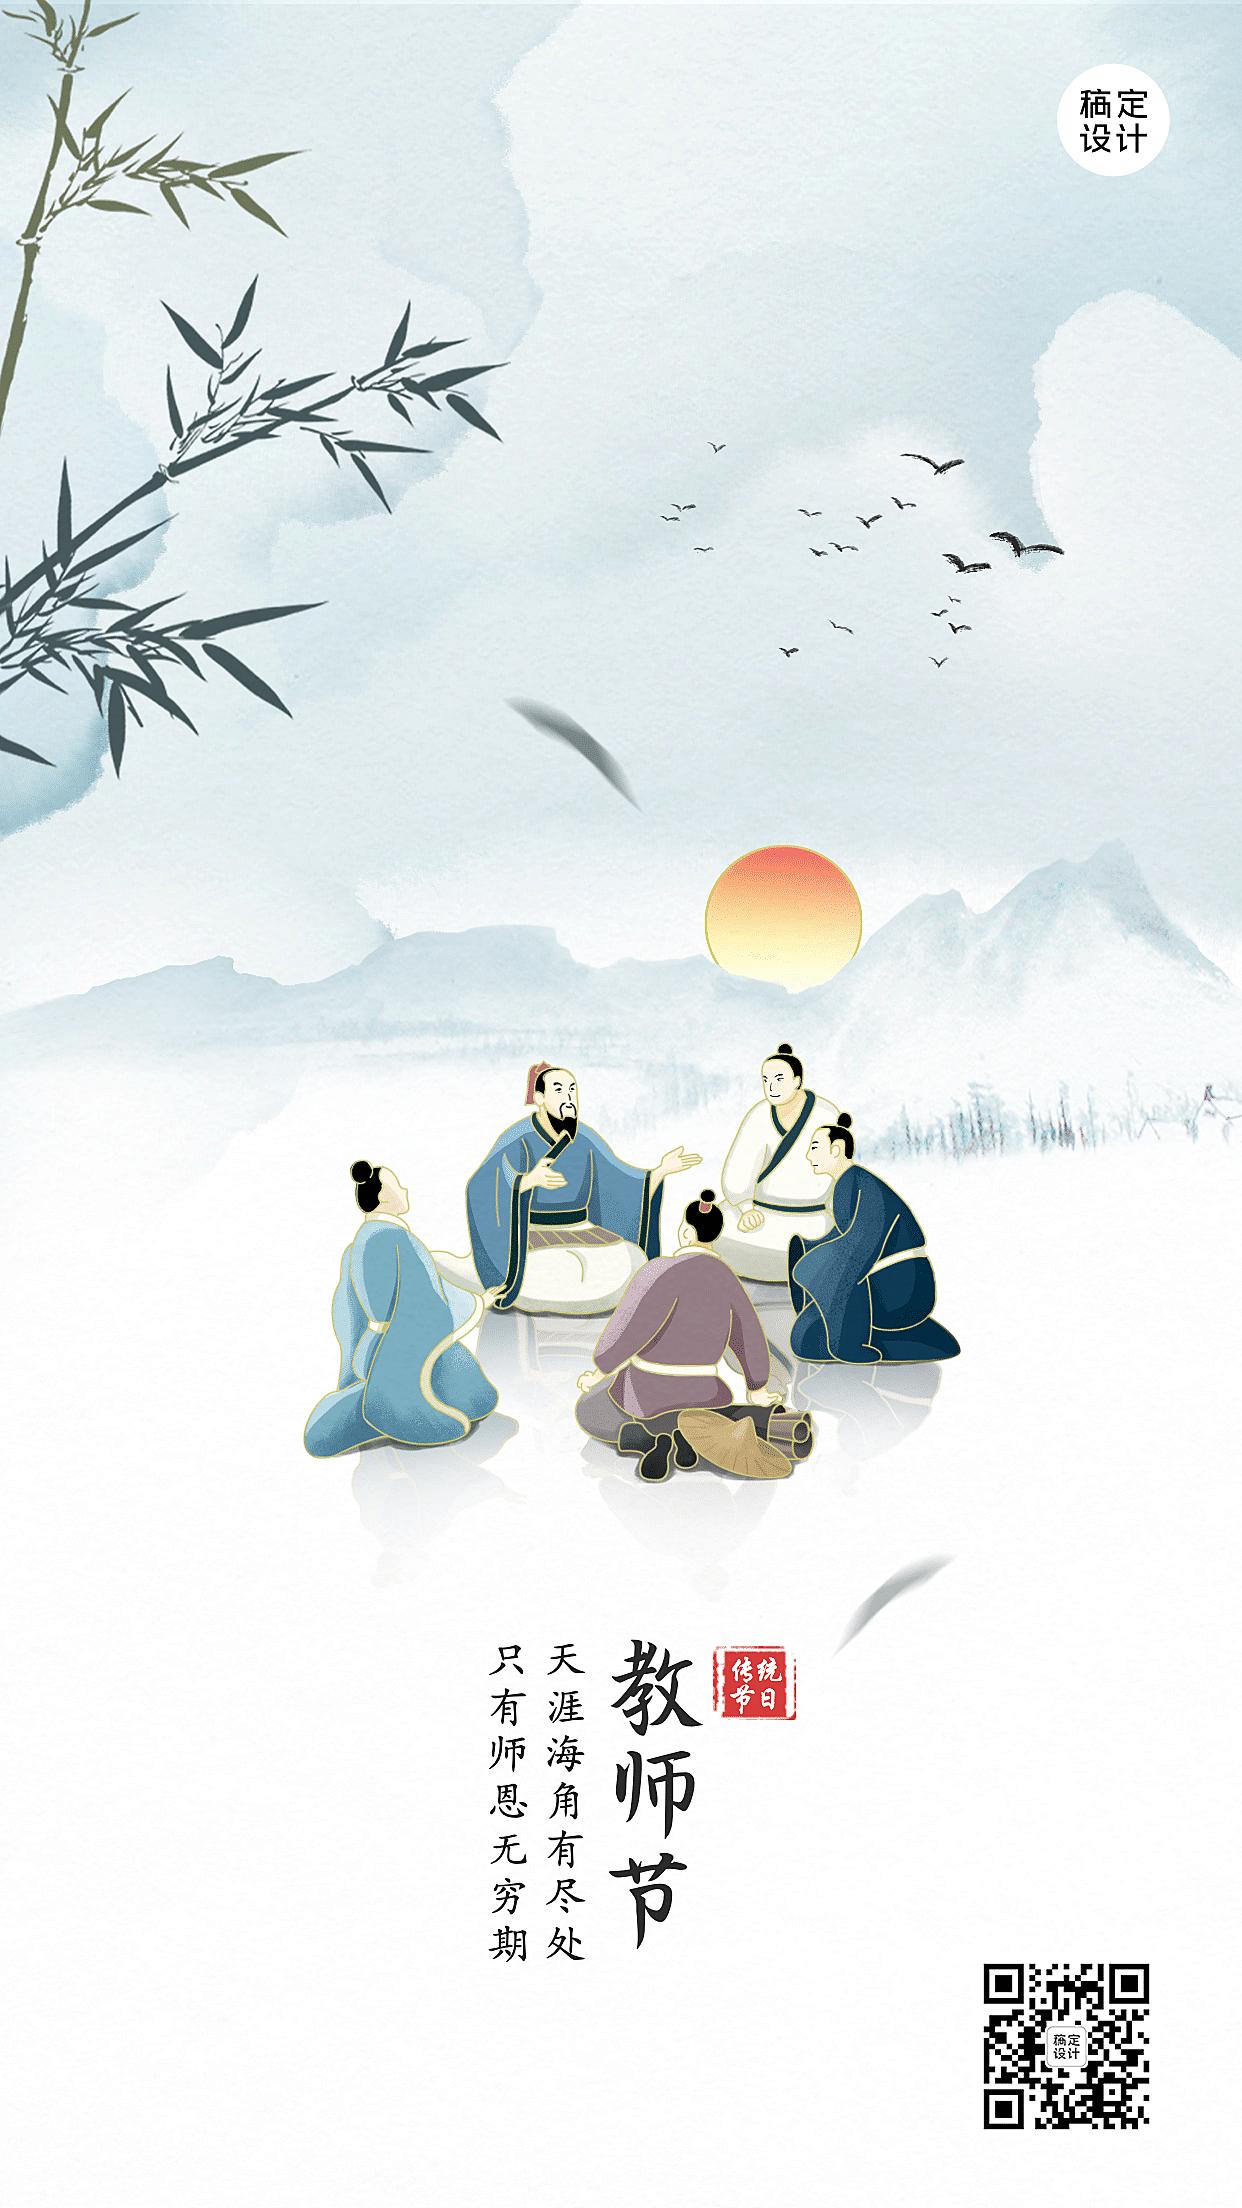 教师节祝福中国风手机海报